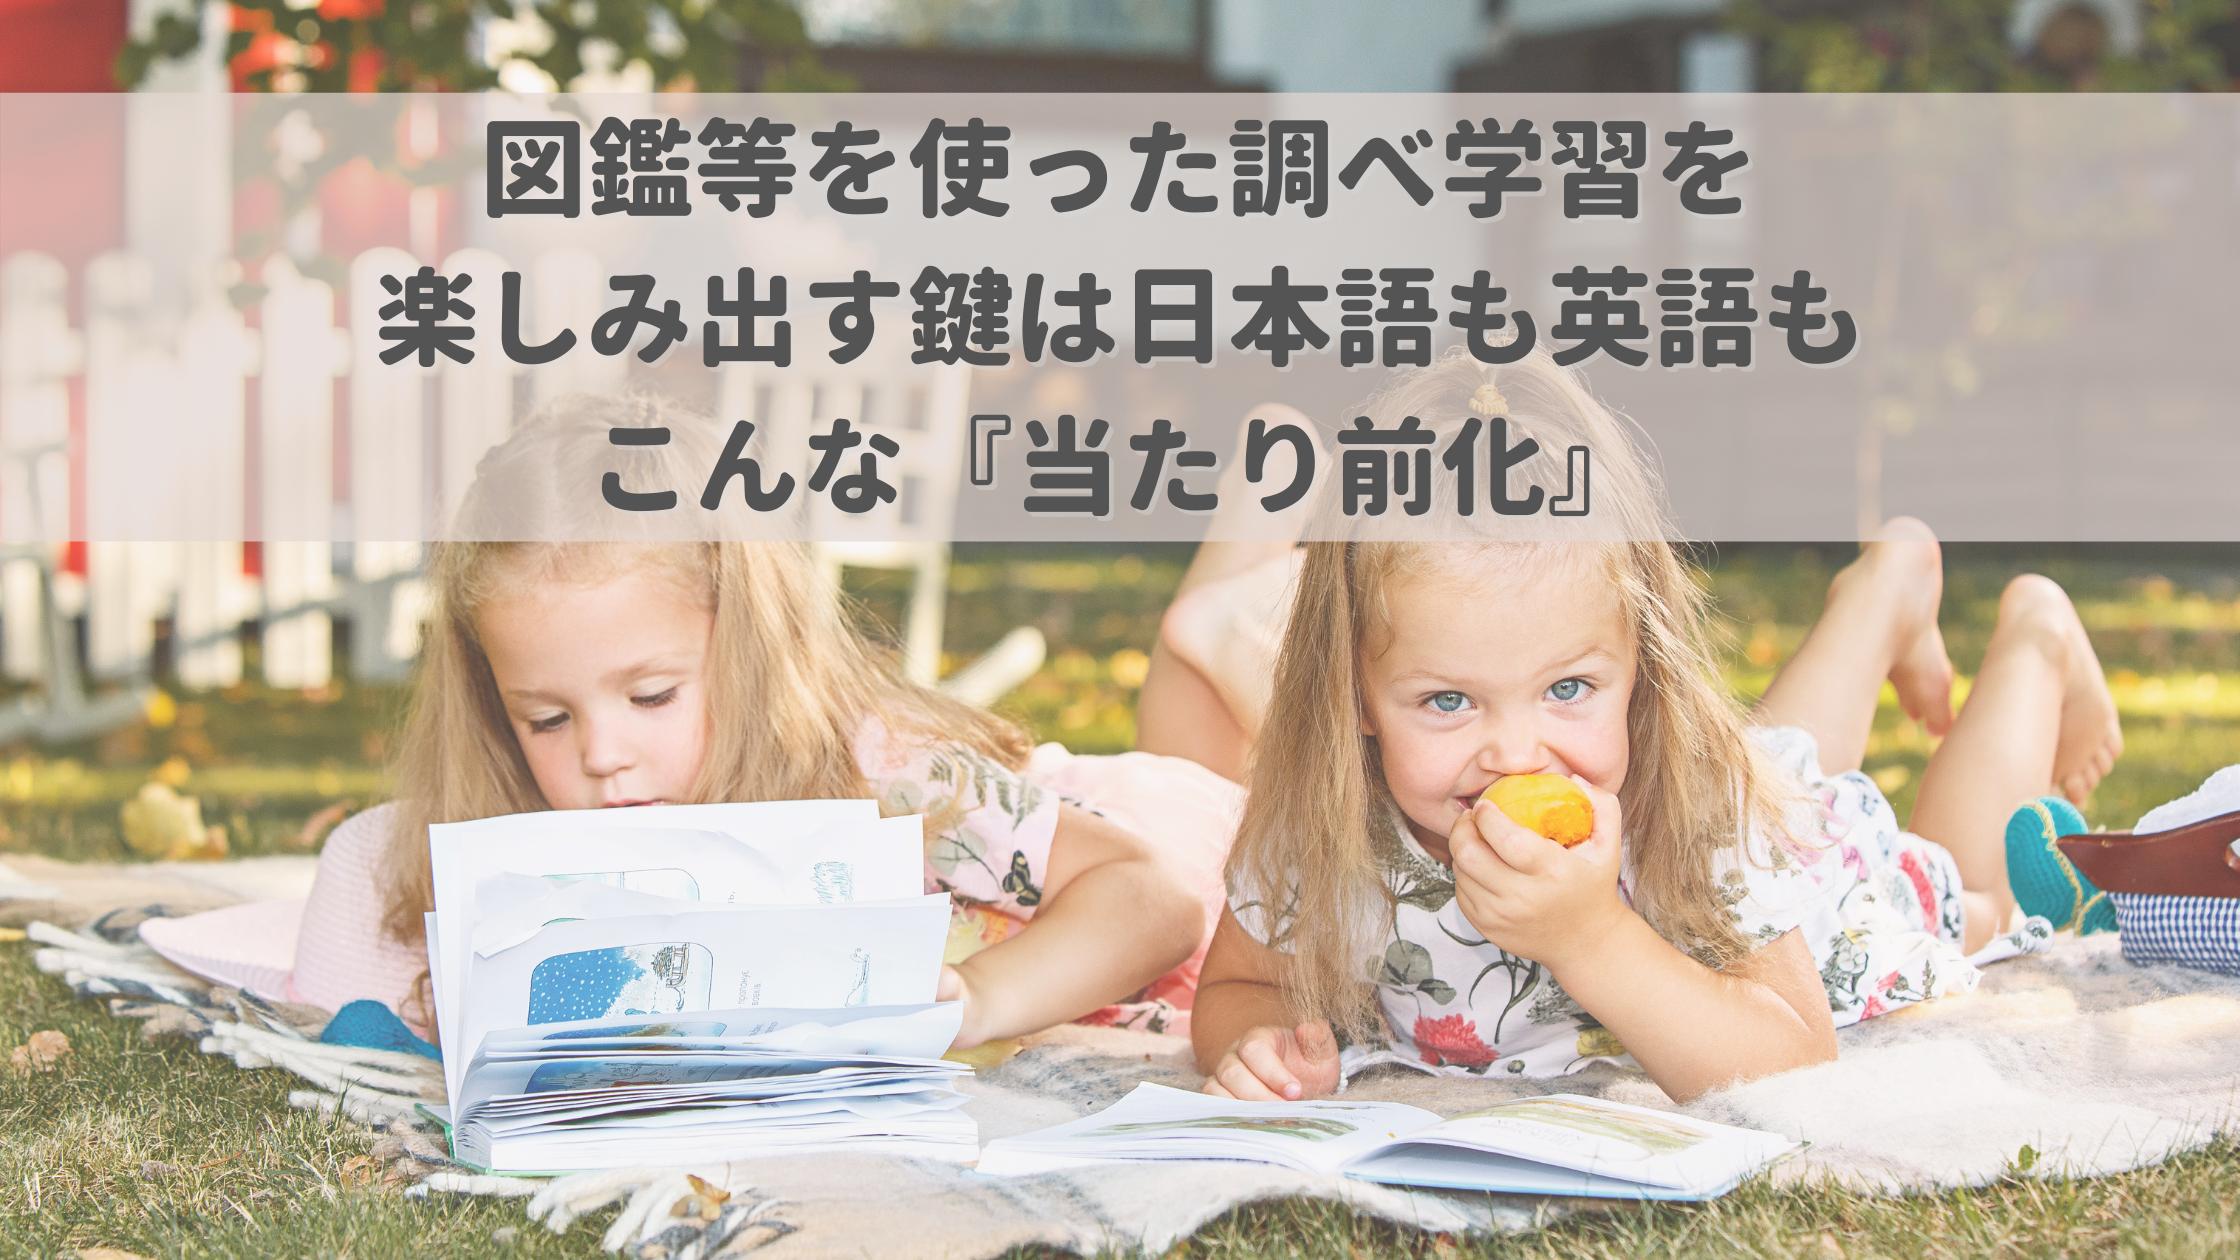 図鑑等を使った調べ学習を楽しみ出す鍵は日本語も英語もこんな『当たり前化』